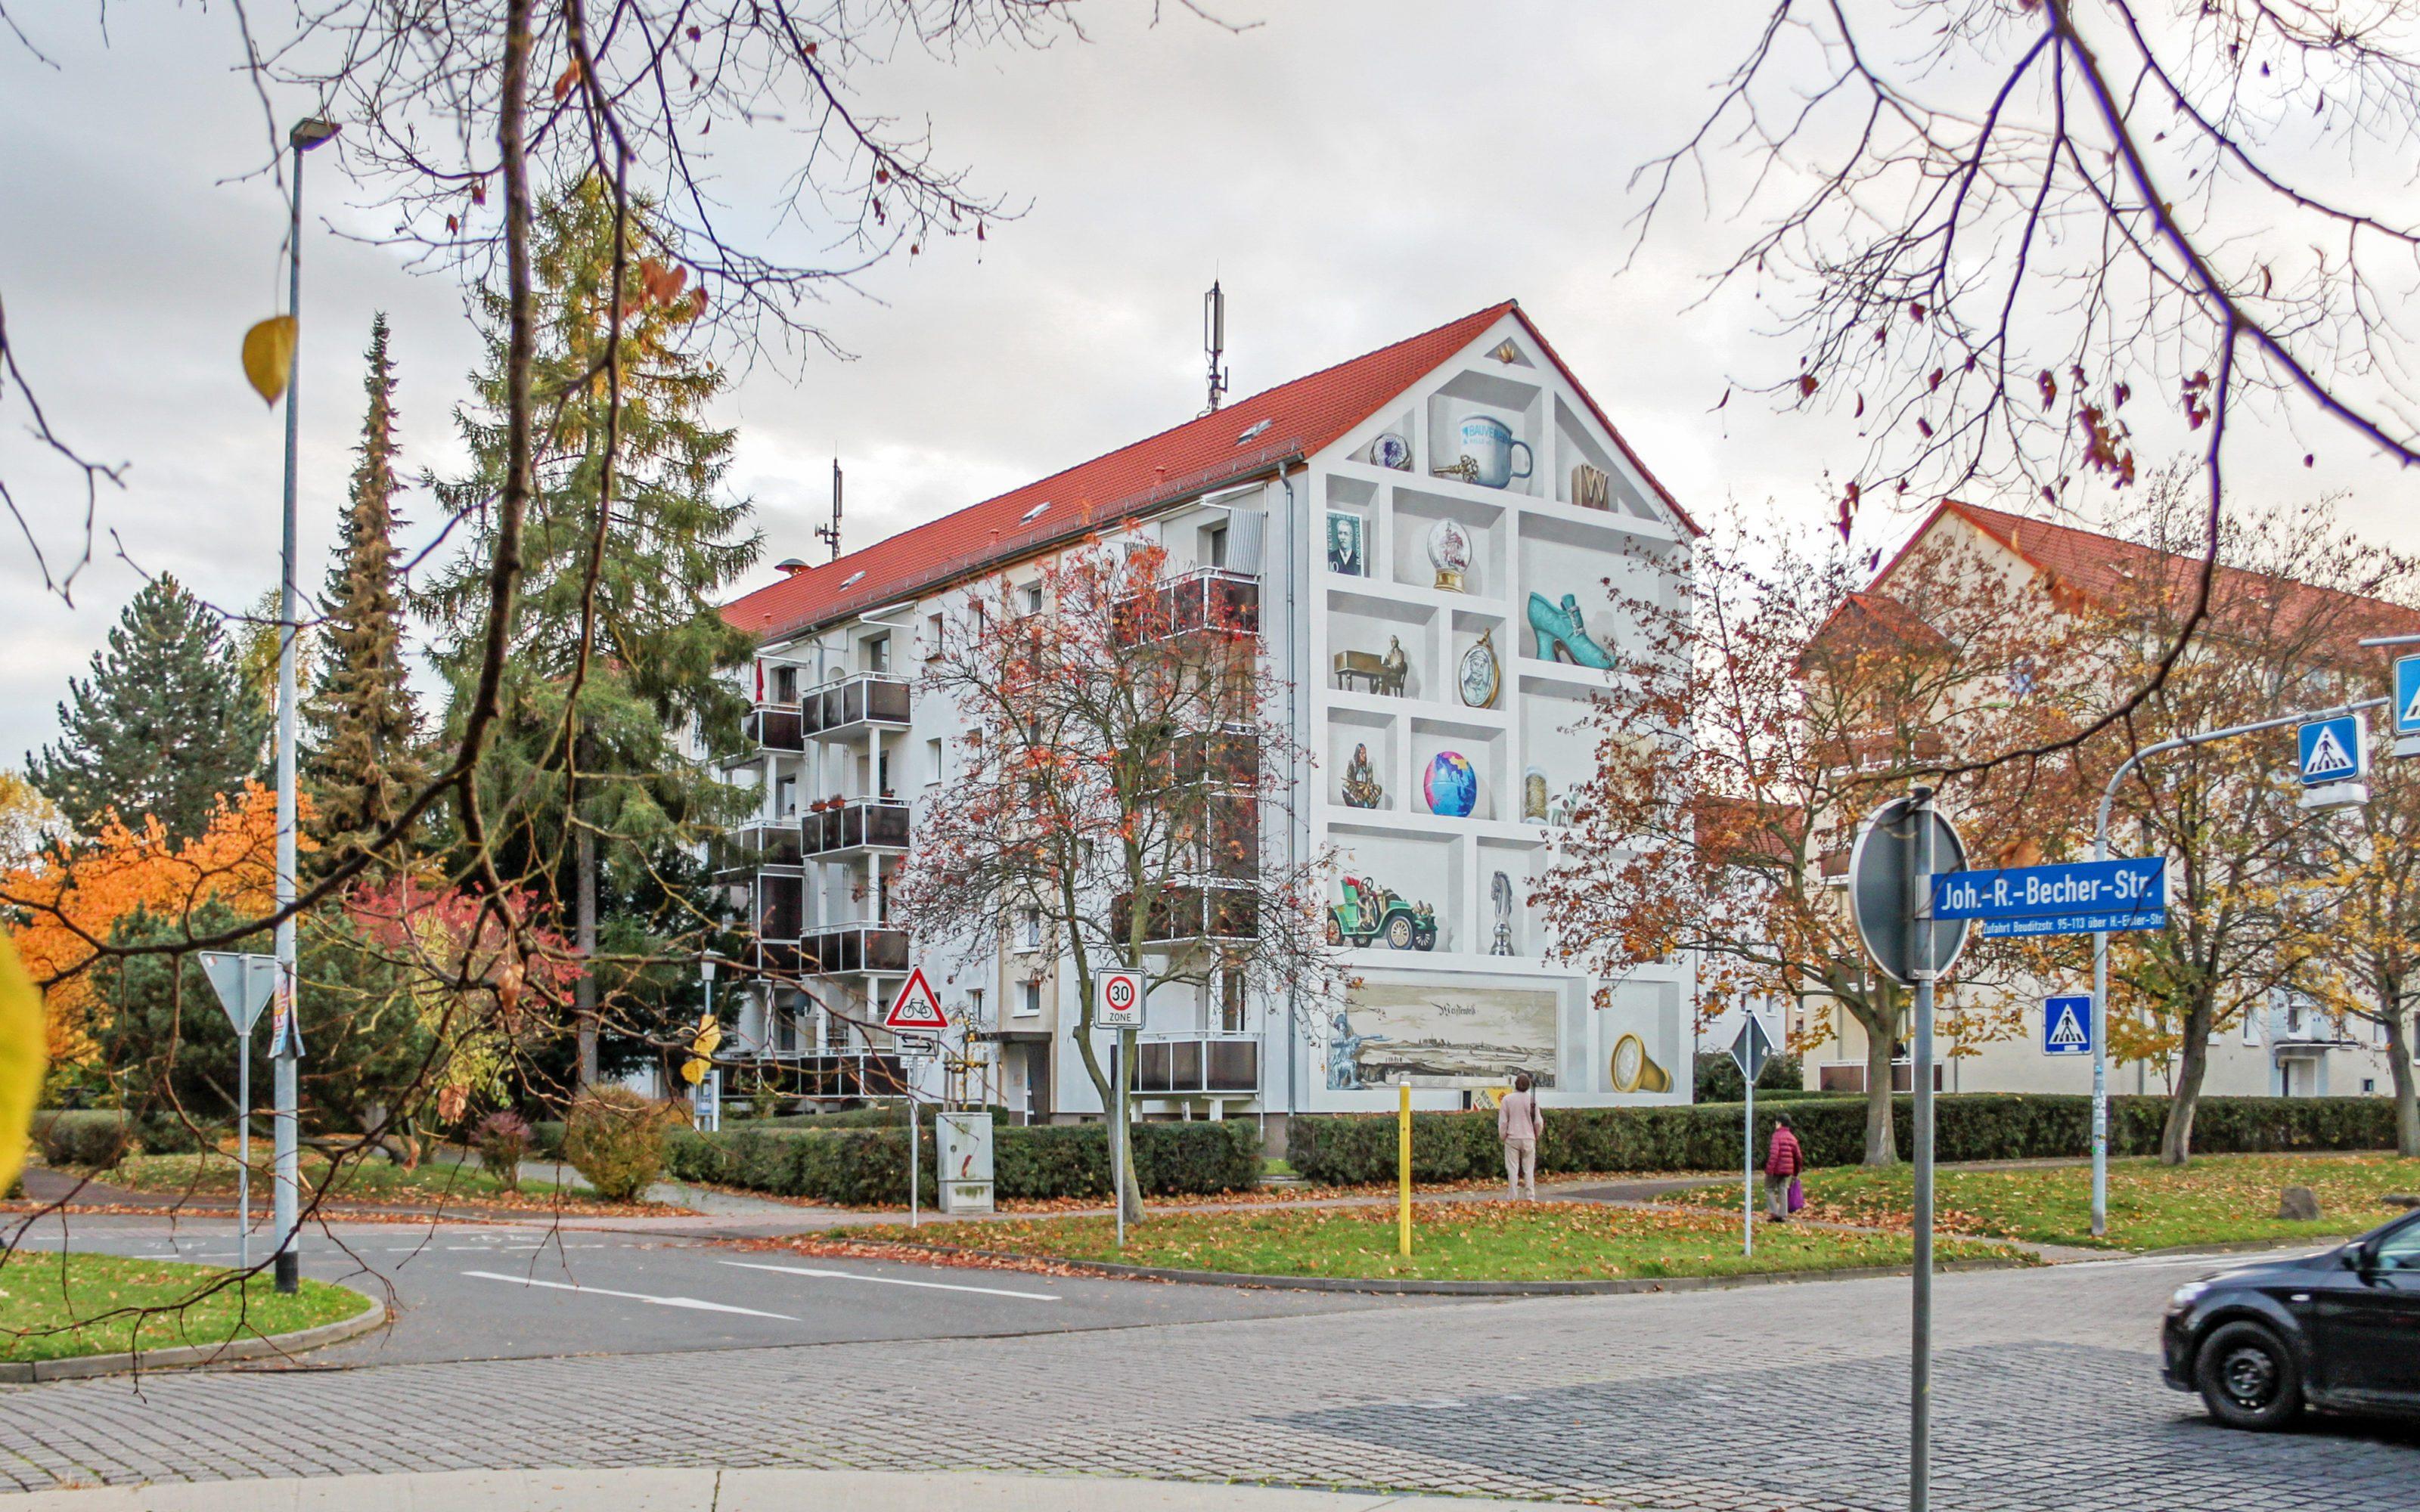 GRACO-Weissenfels-Wandmalerei-Setzkasten-historisch-Becher-Strasse